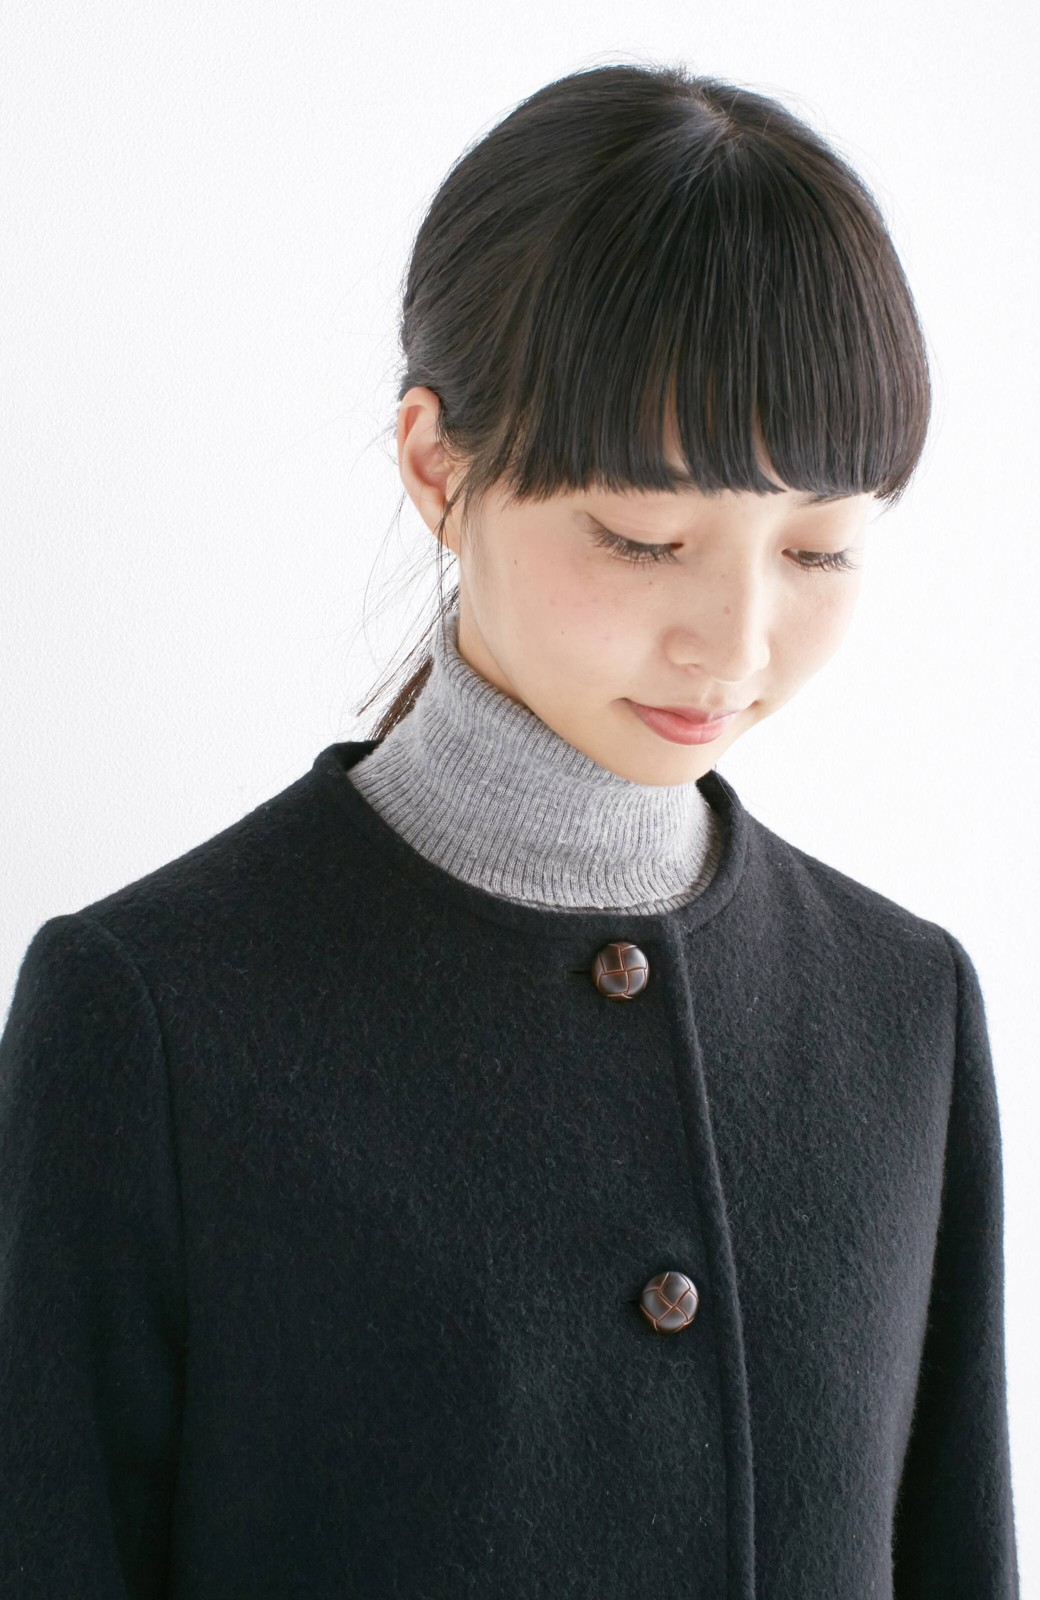 エムトロワ MADE IN JAPAN生地を使用したノーカラーコート <ブラック>の商品写真16